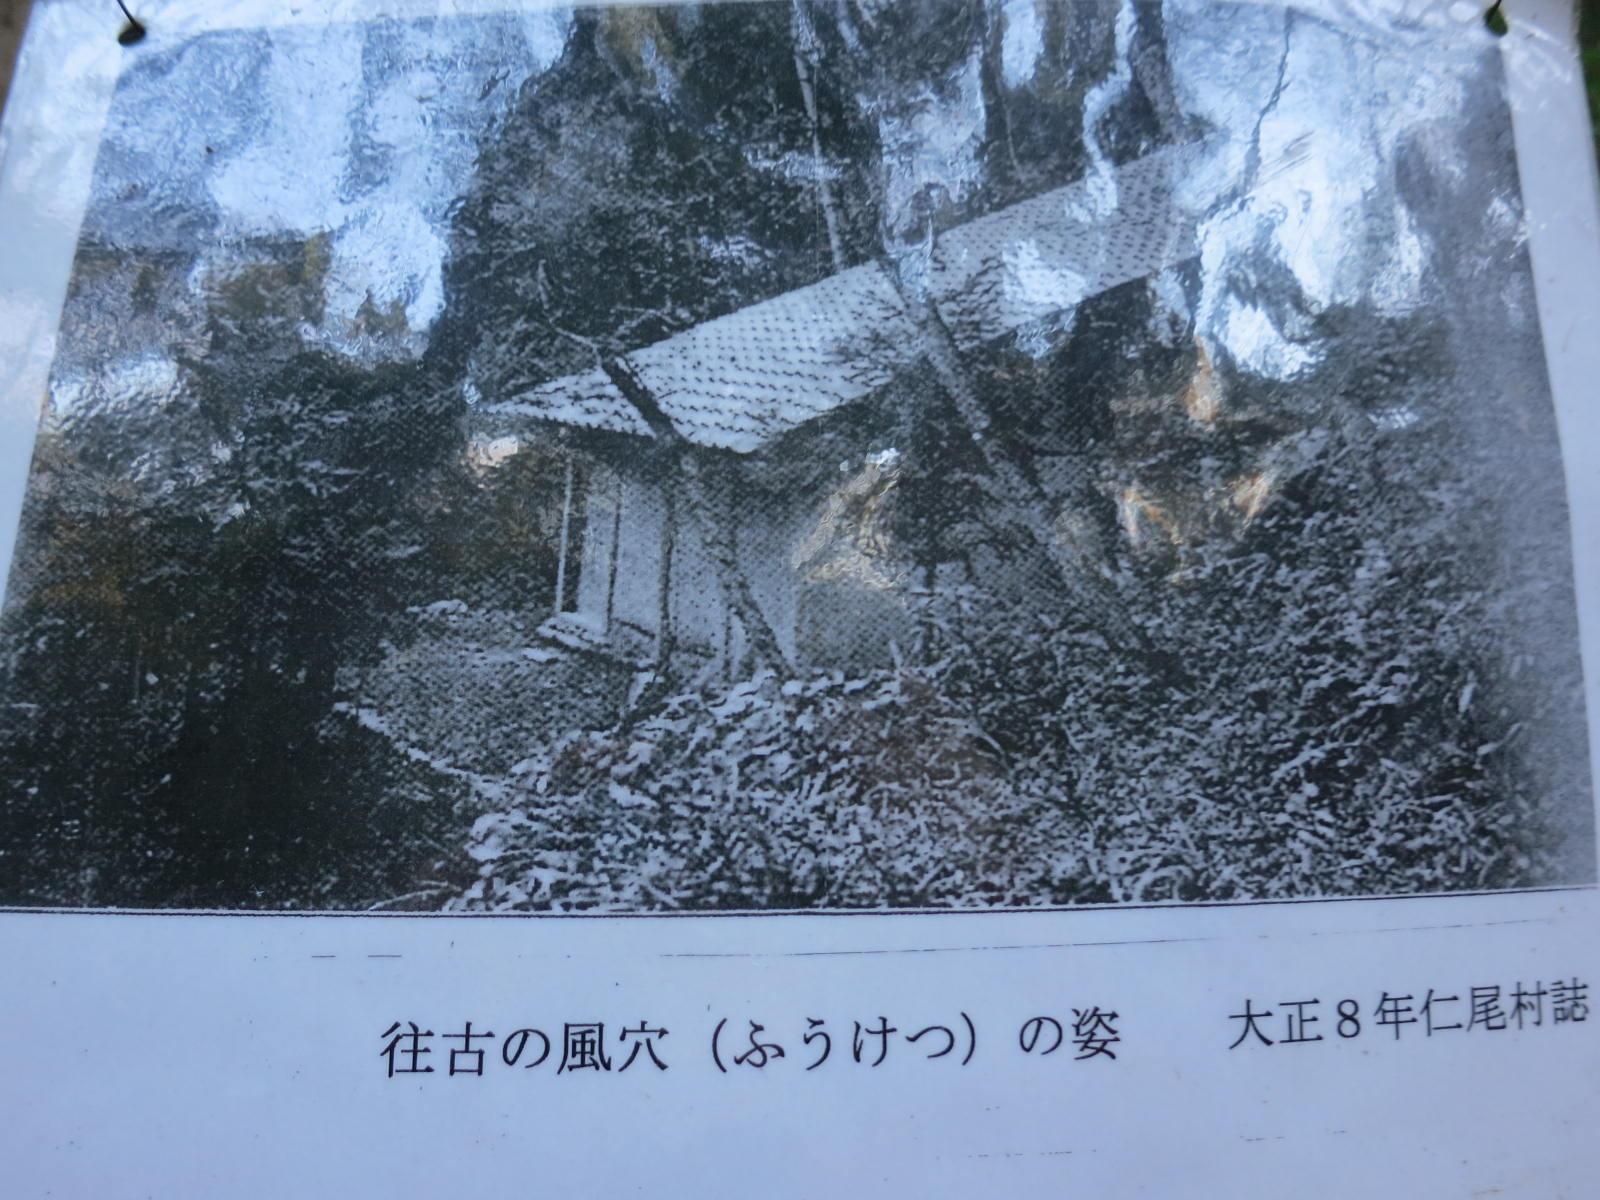 IMG_6703-2da1d.JPG (1600×1200)